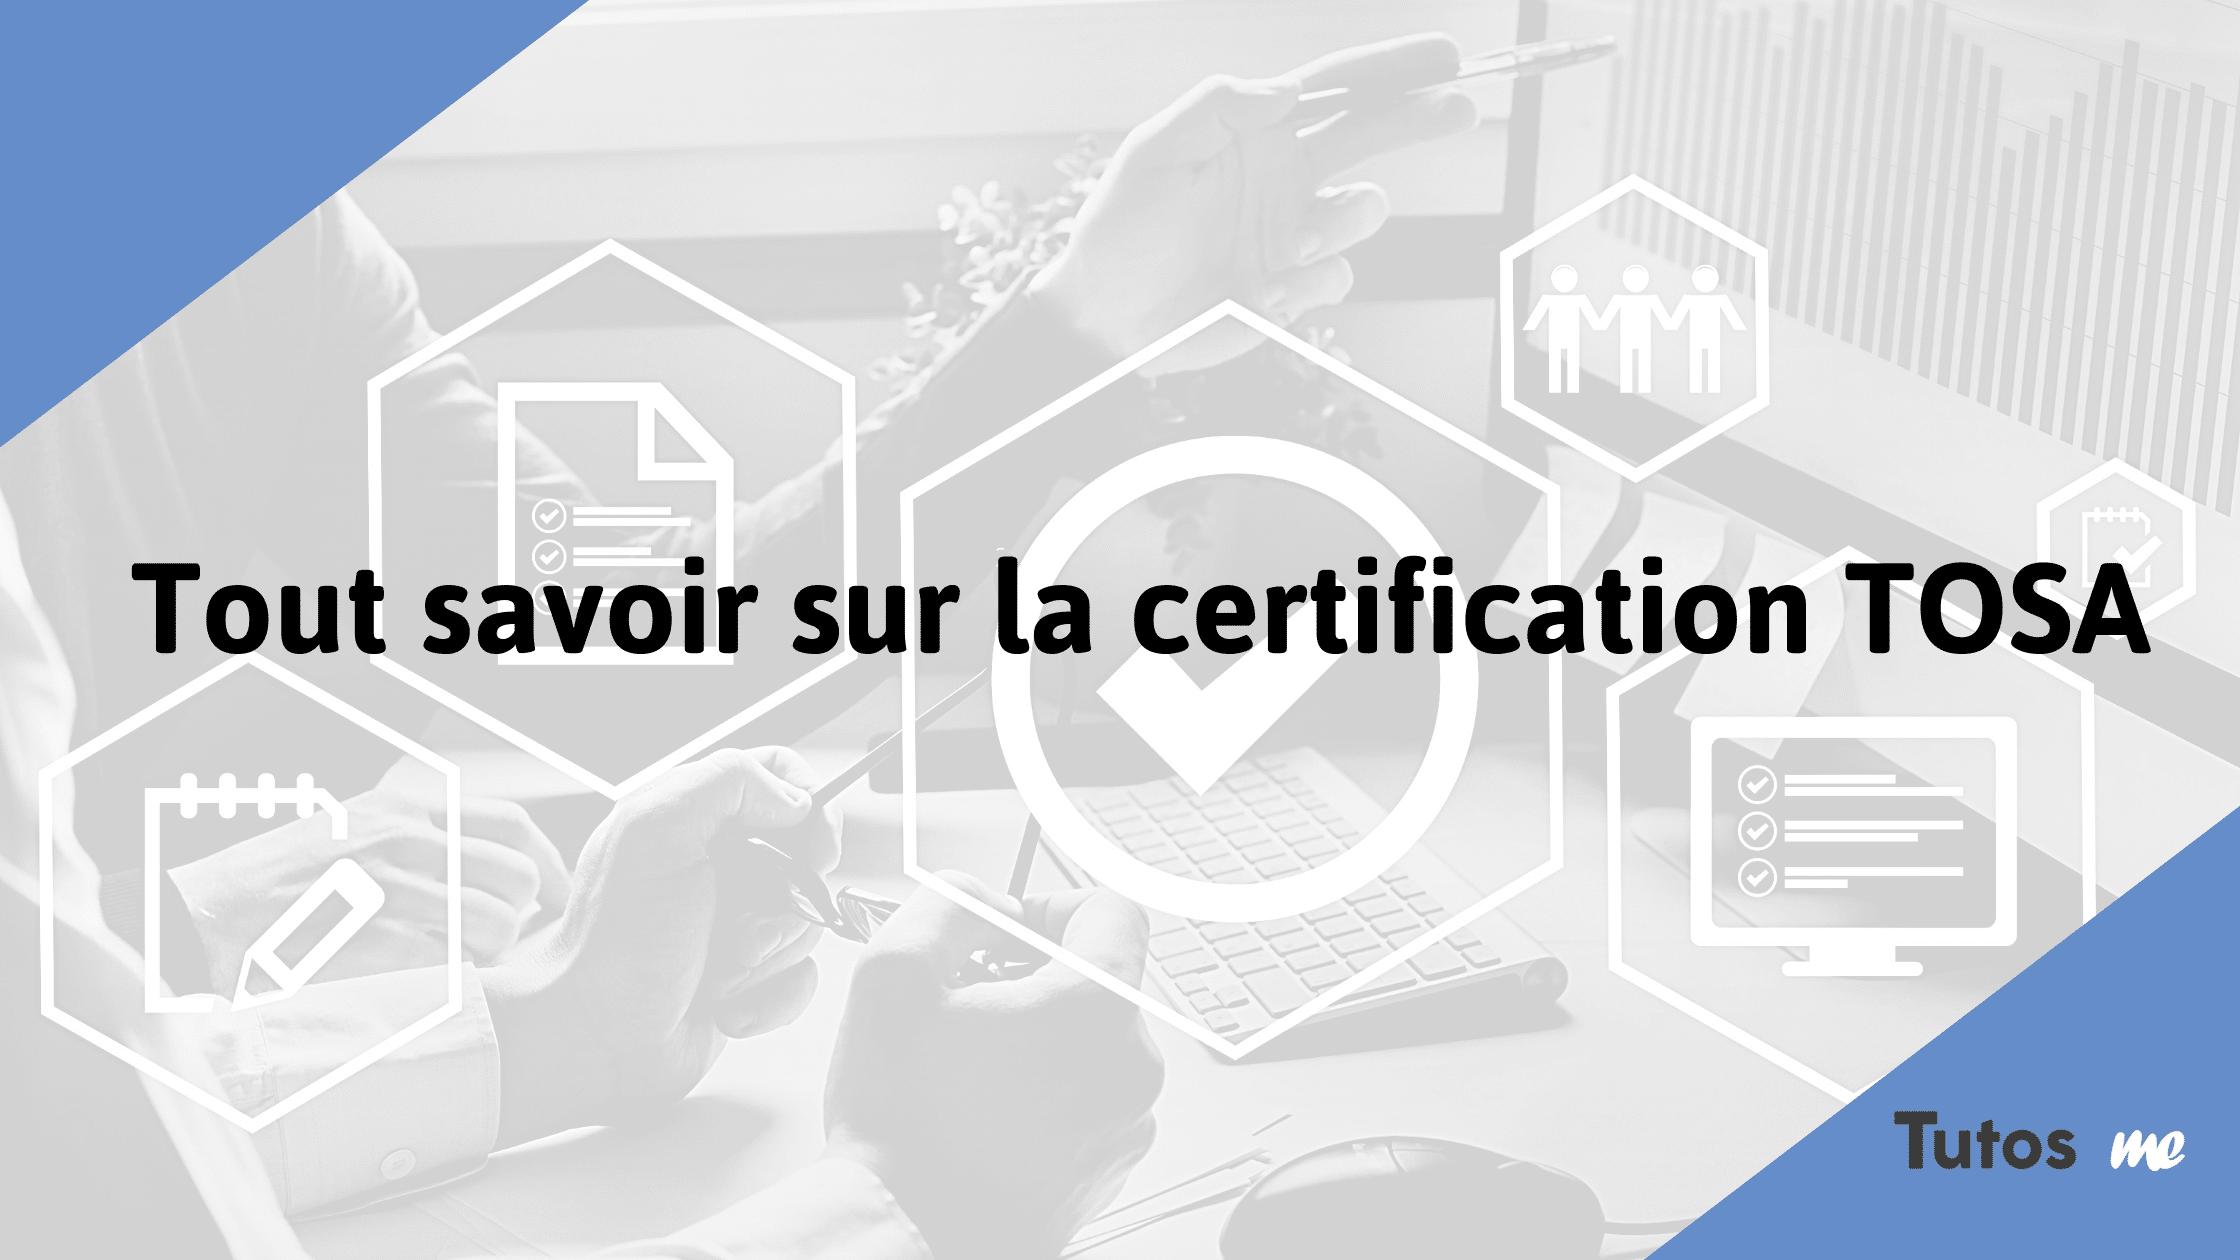 Tout savoir sur la certification TOSA